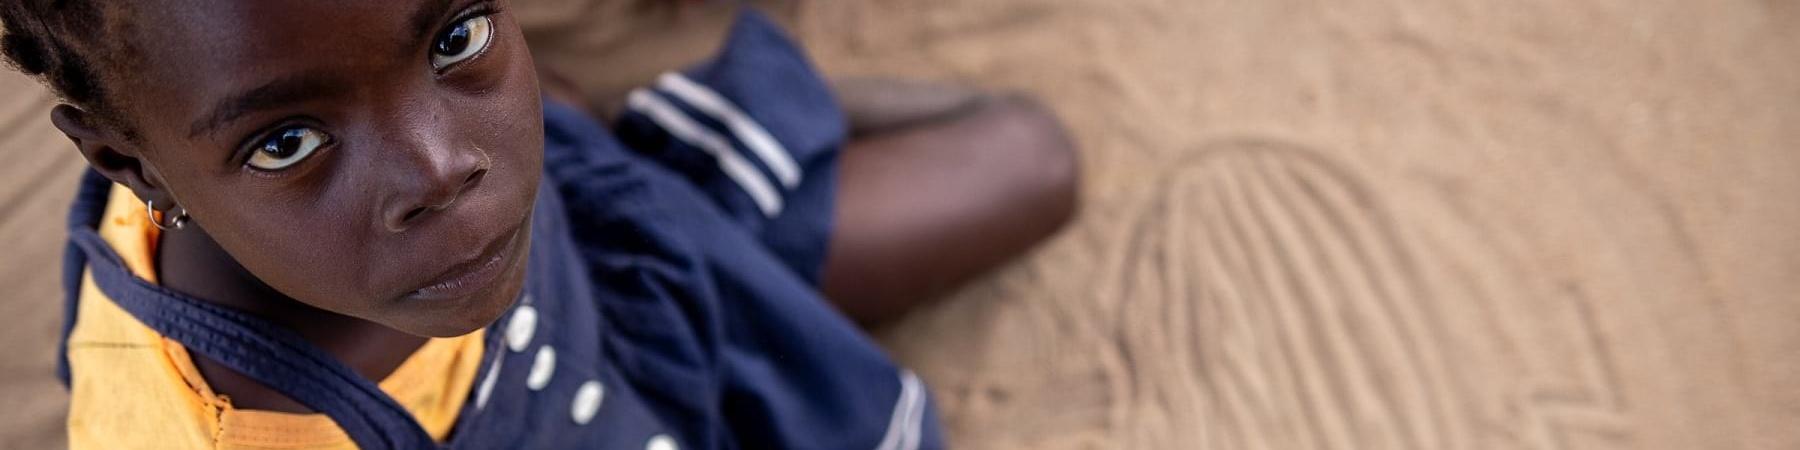 Bambina mozambicana ripresa dall alto è seduta a terra e guarda verso l alto. Indossa un vestito blu e una maglietta arancione.